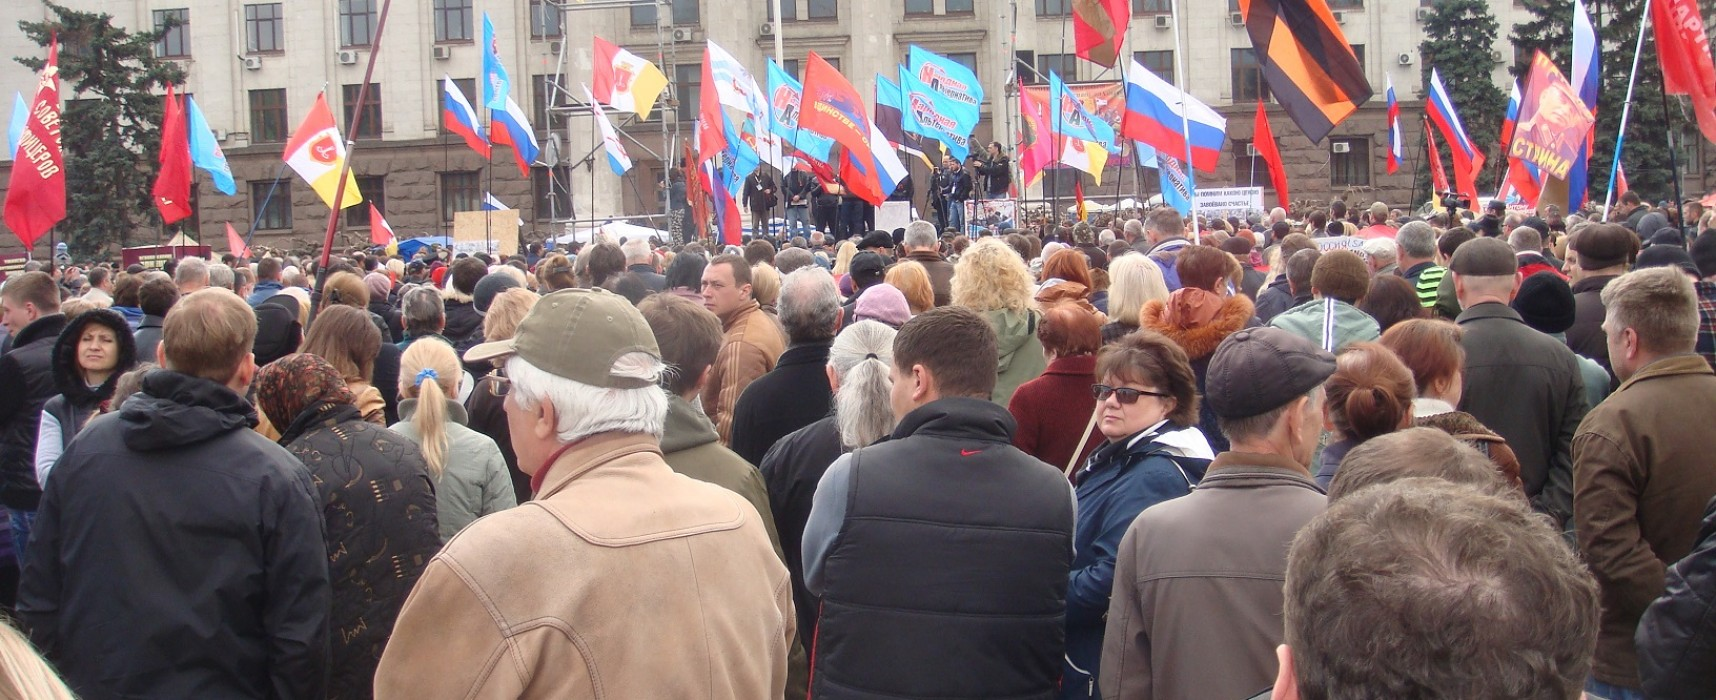 Хронология событий 2 мая в Одессе (часть 2)